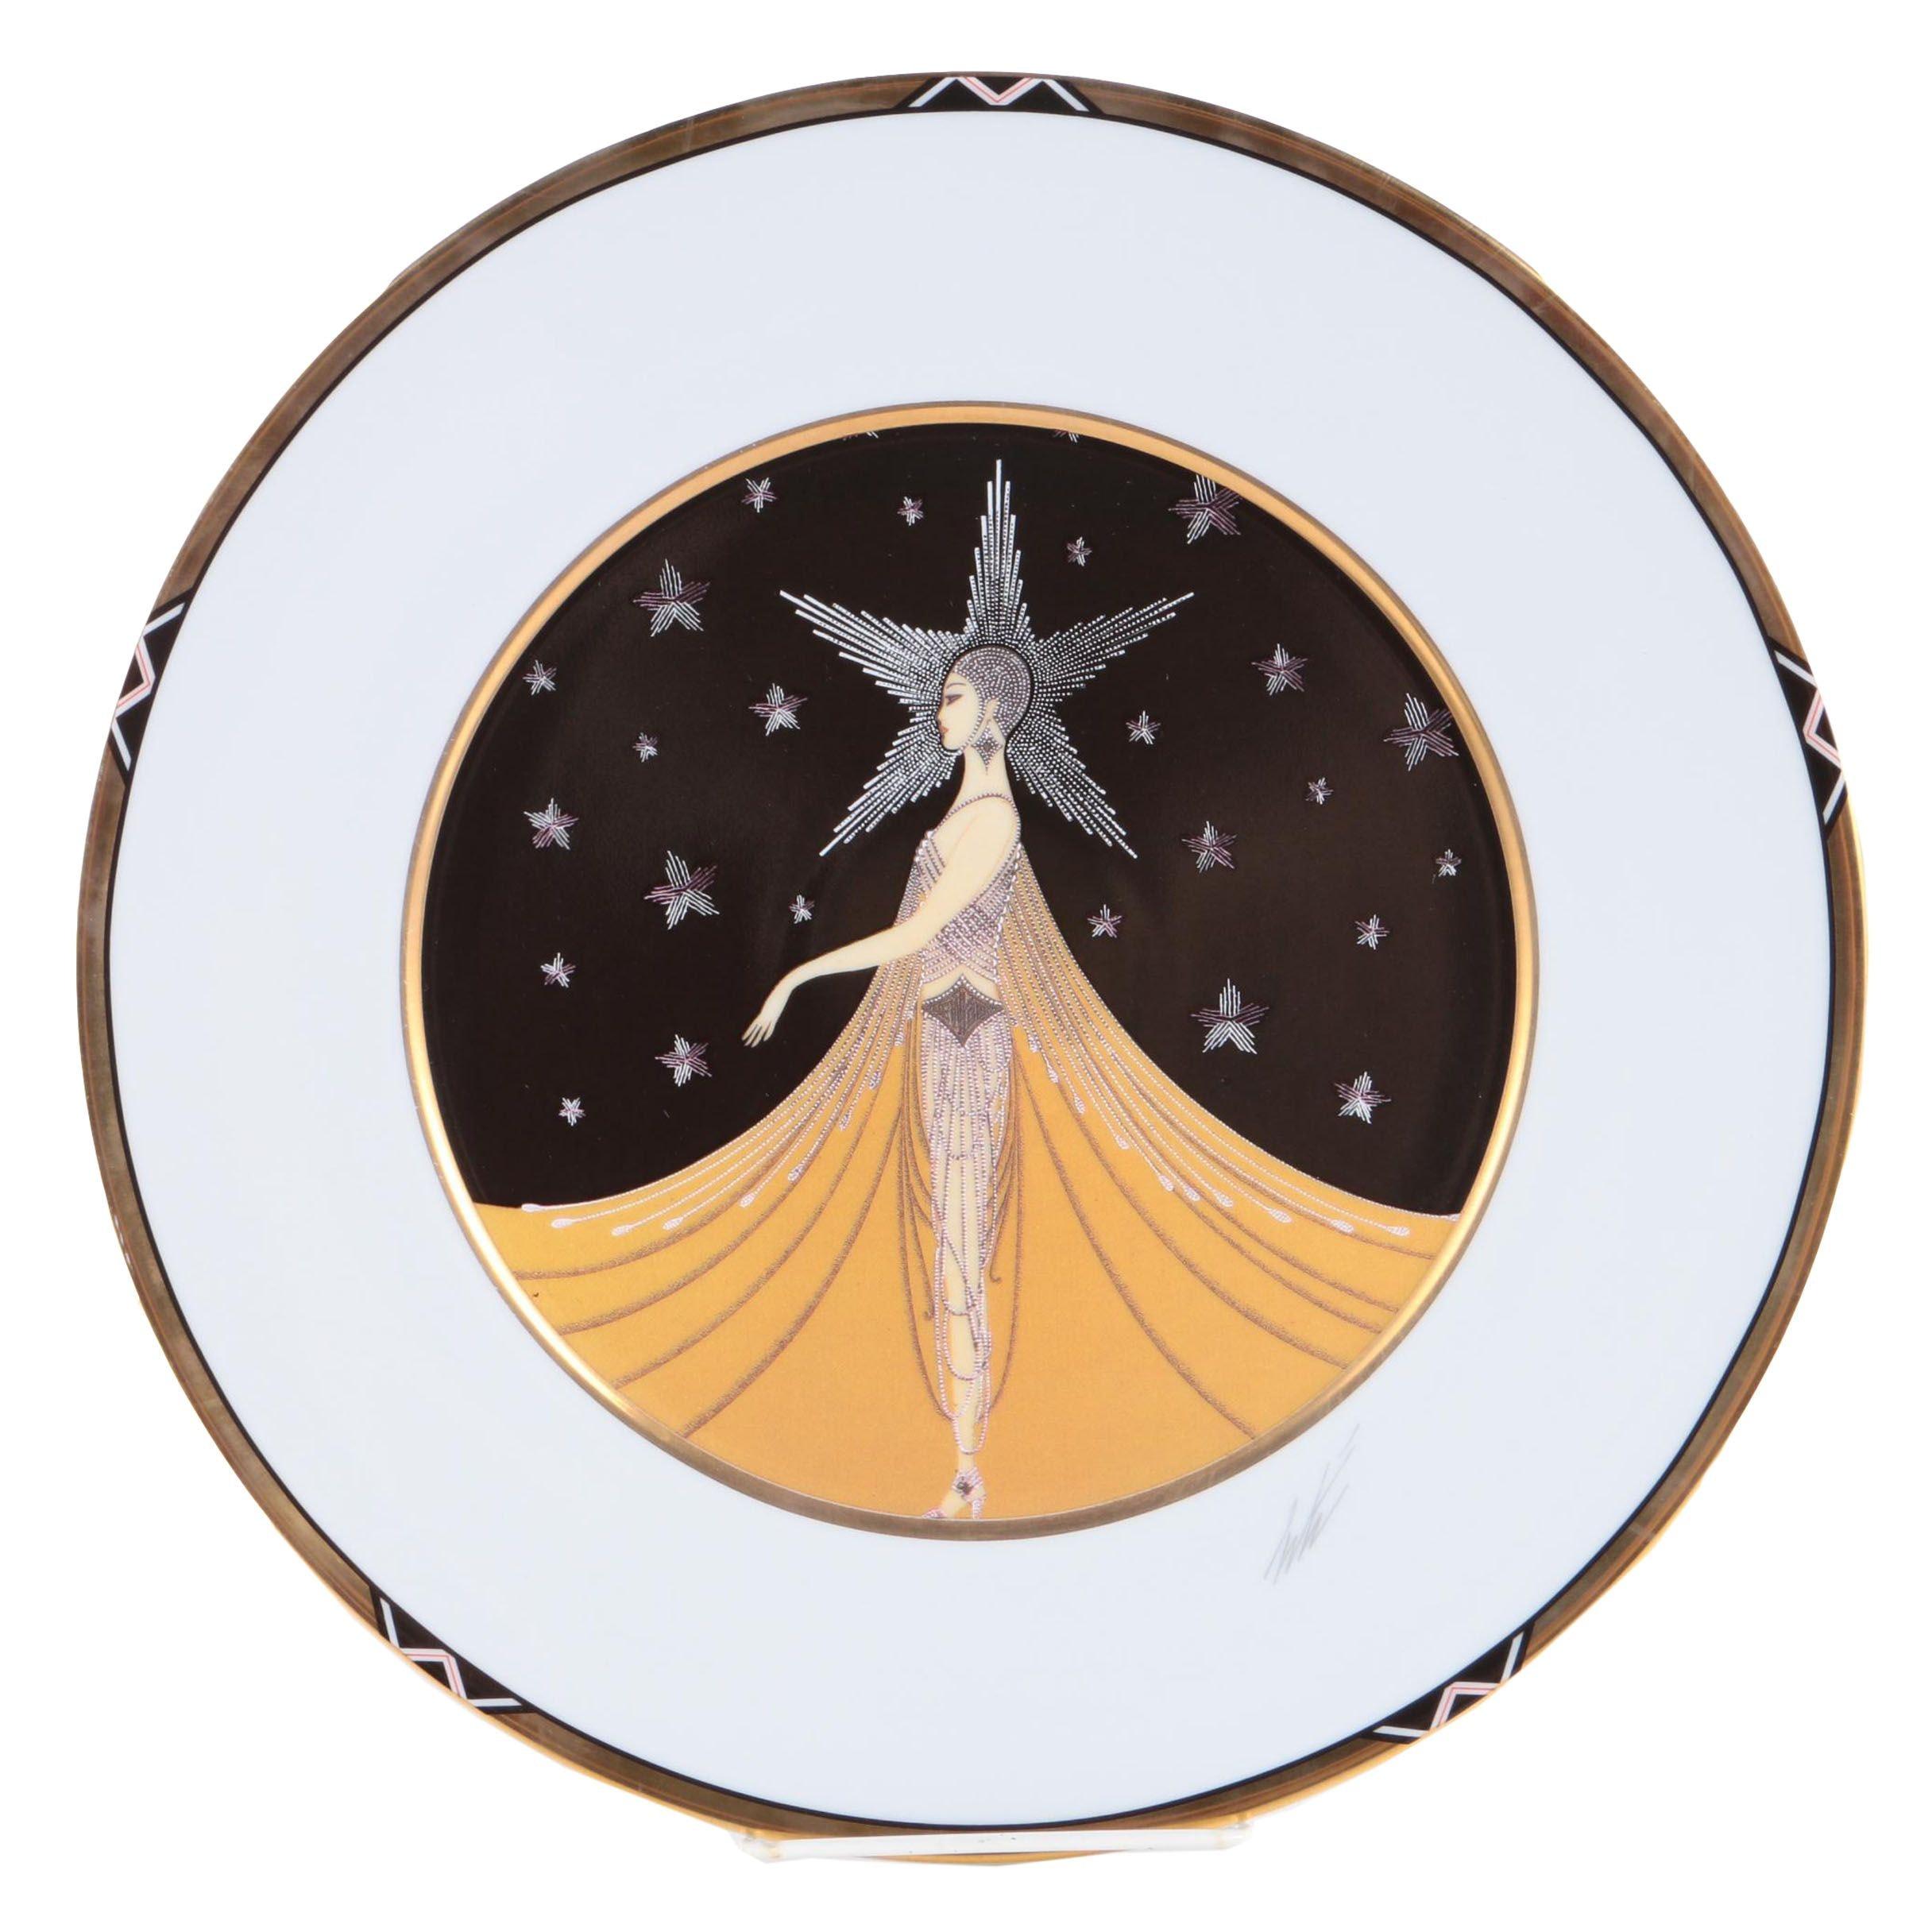 """Erte Sevenarts Limited Porcelain Plate After """"New York, New York"""""""